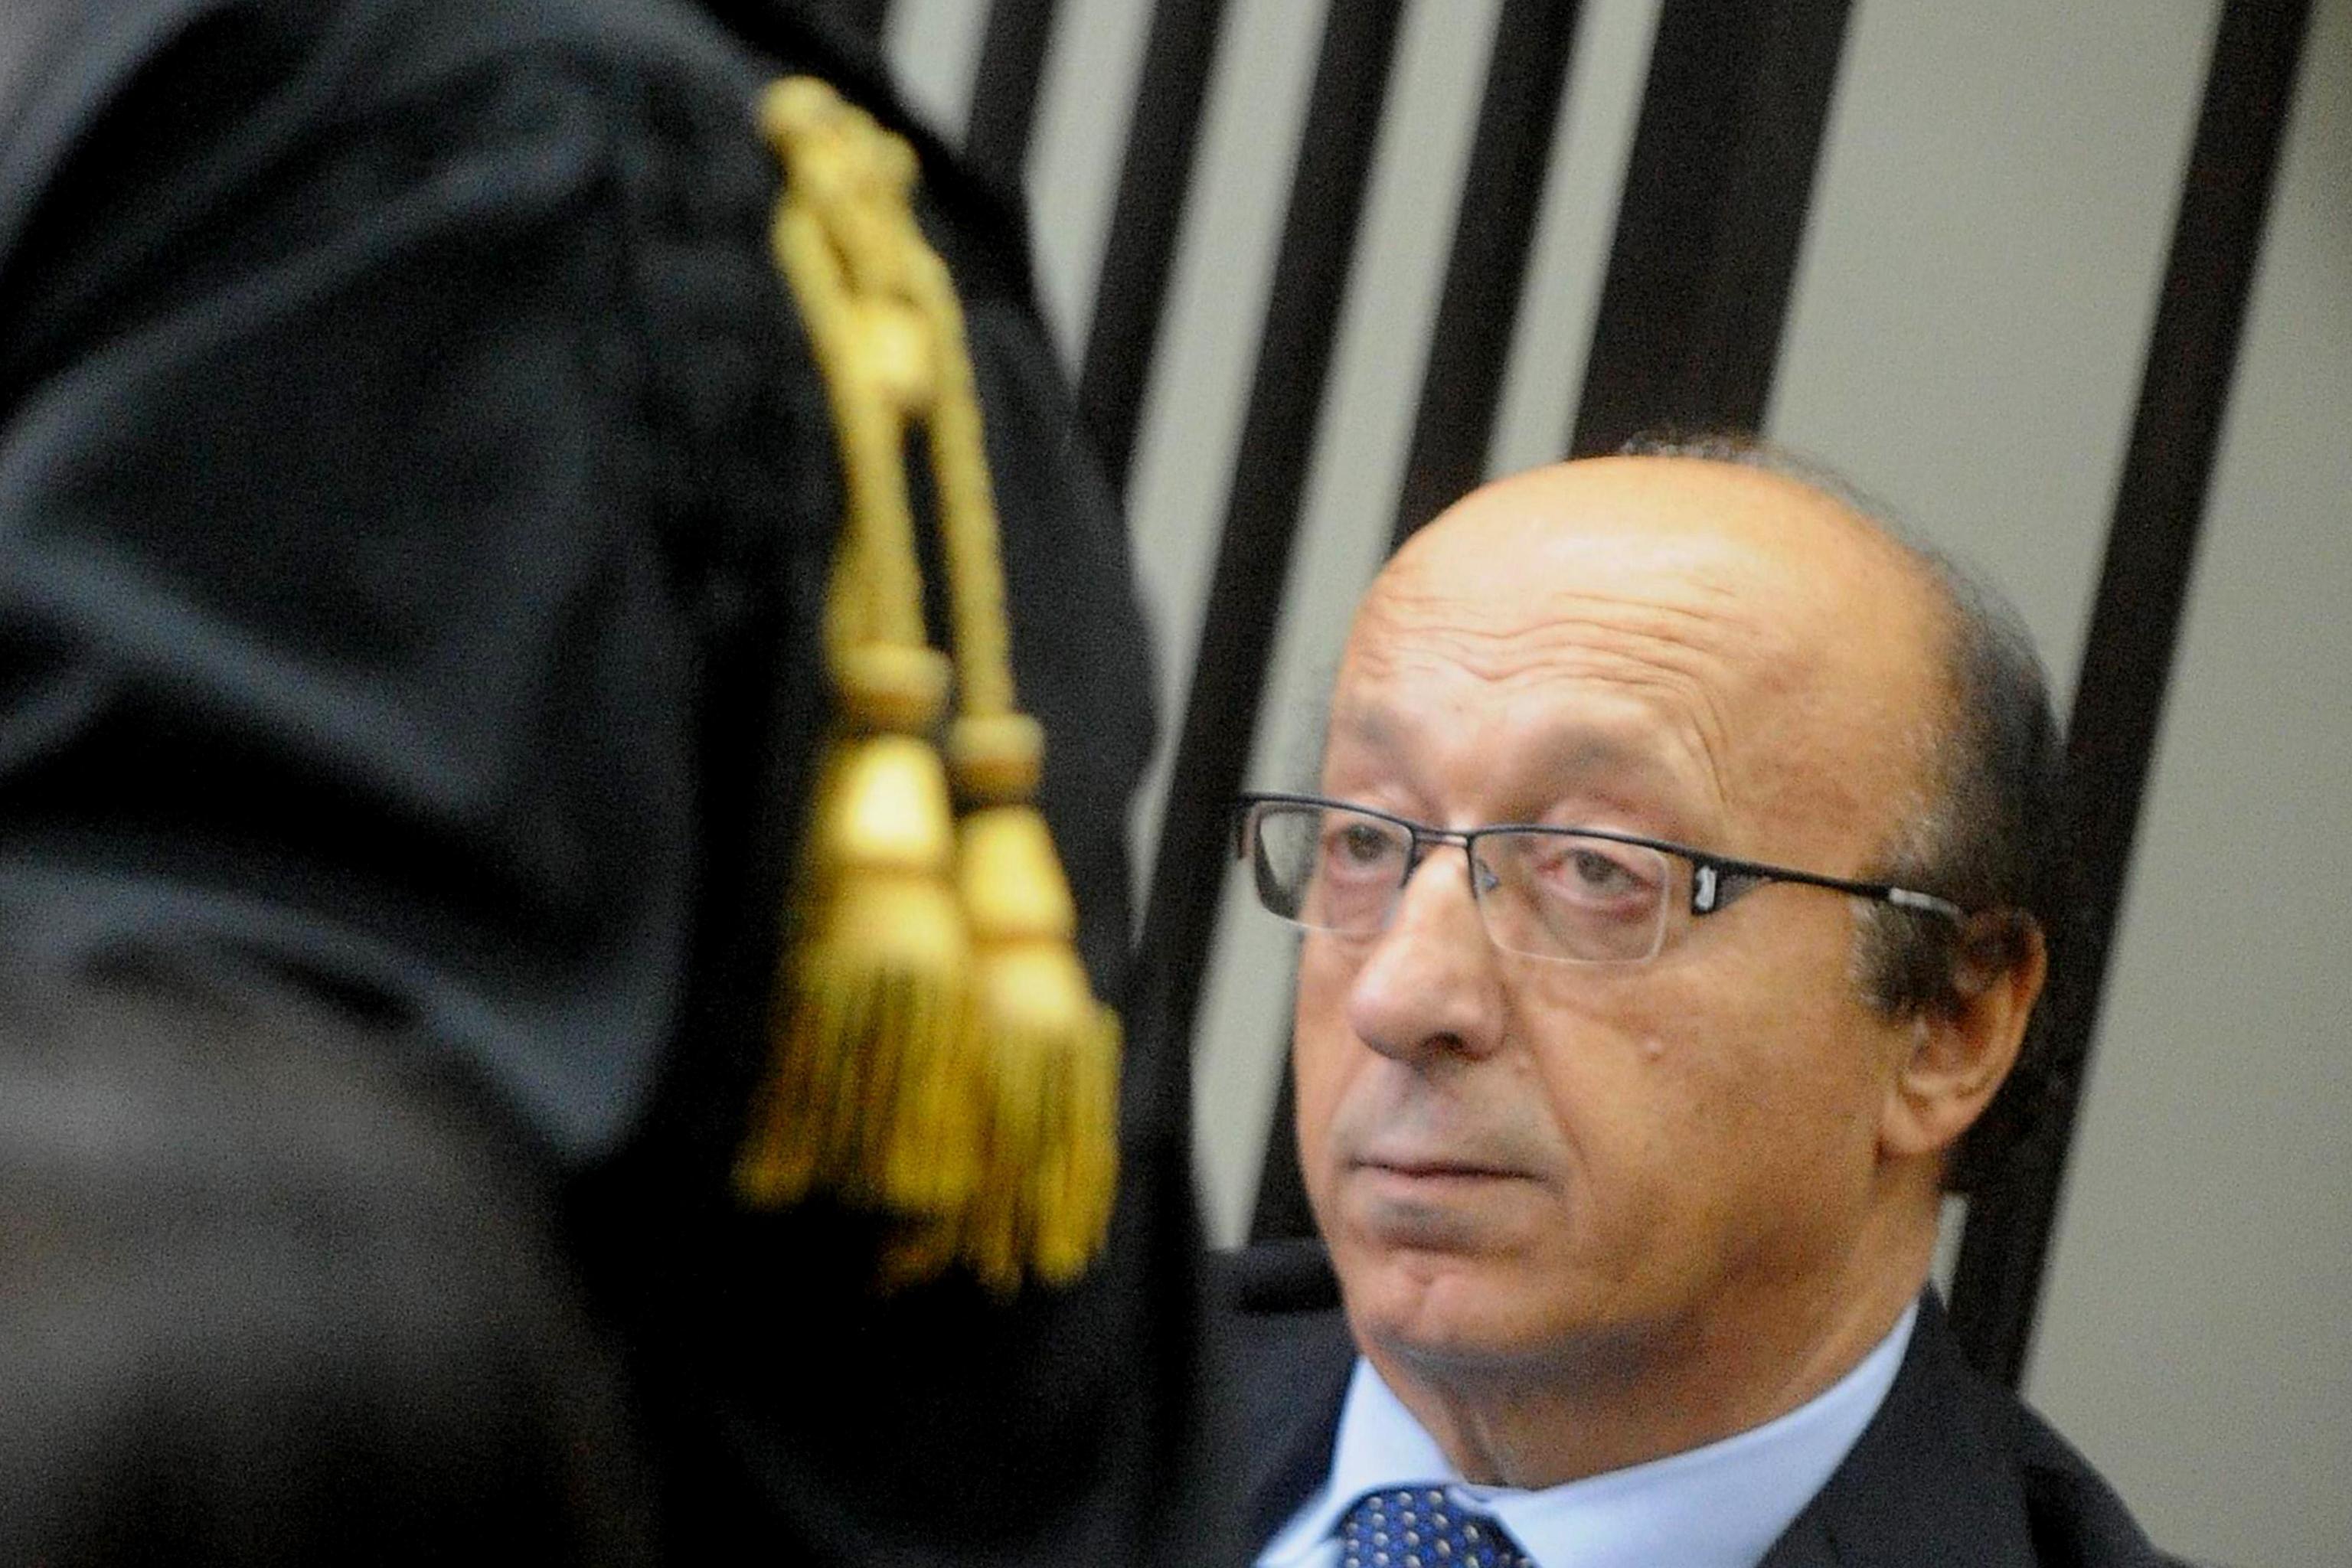 Curioso in Belgio, scoppia Calciopoli e viene arrestato il dirigente Mogi